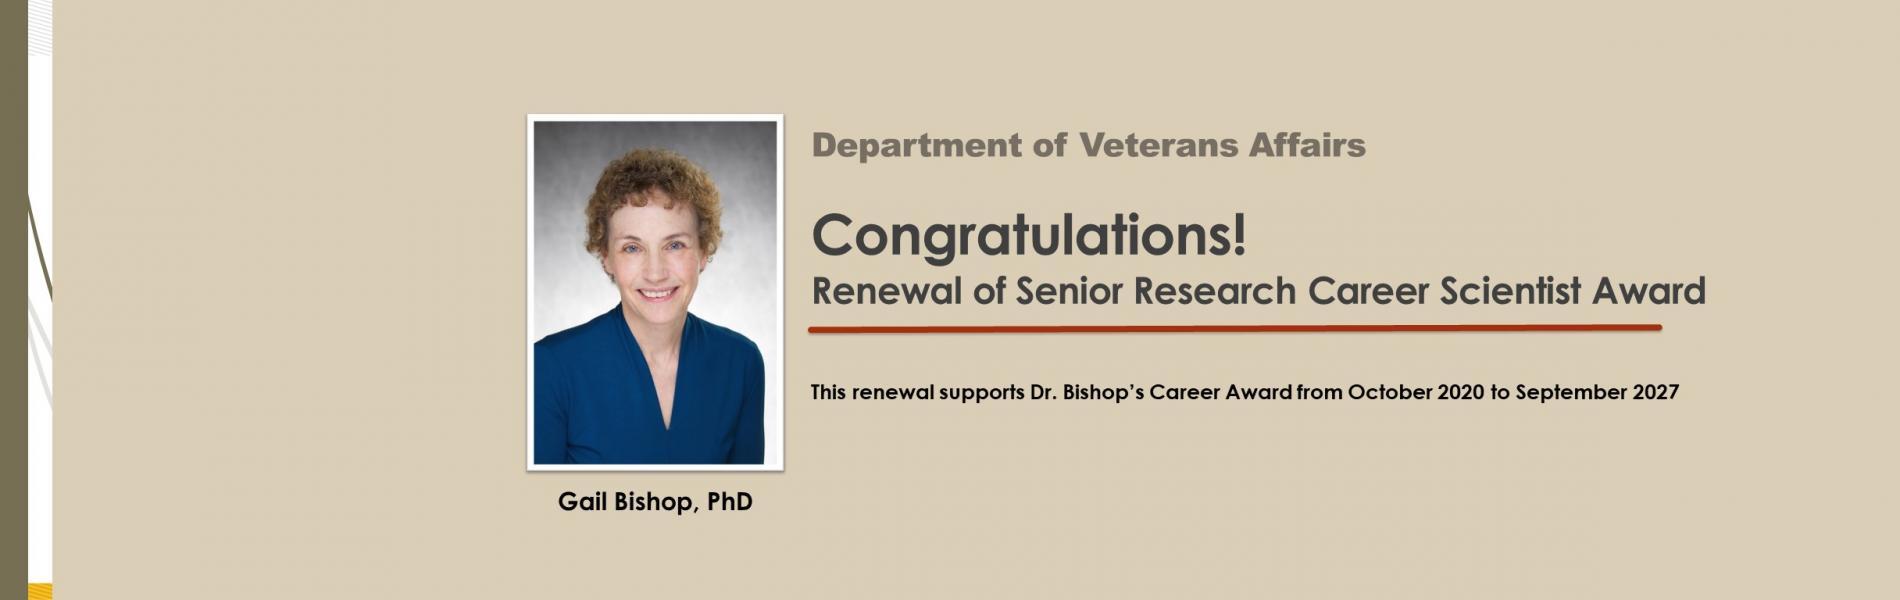 Gail Bishop senior research career scientist award